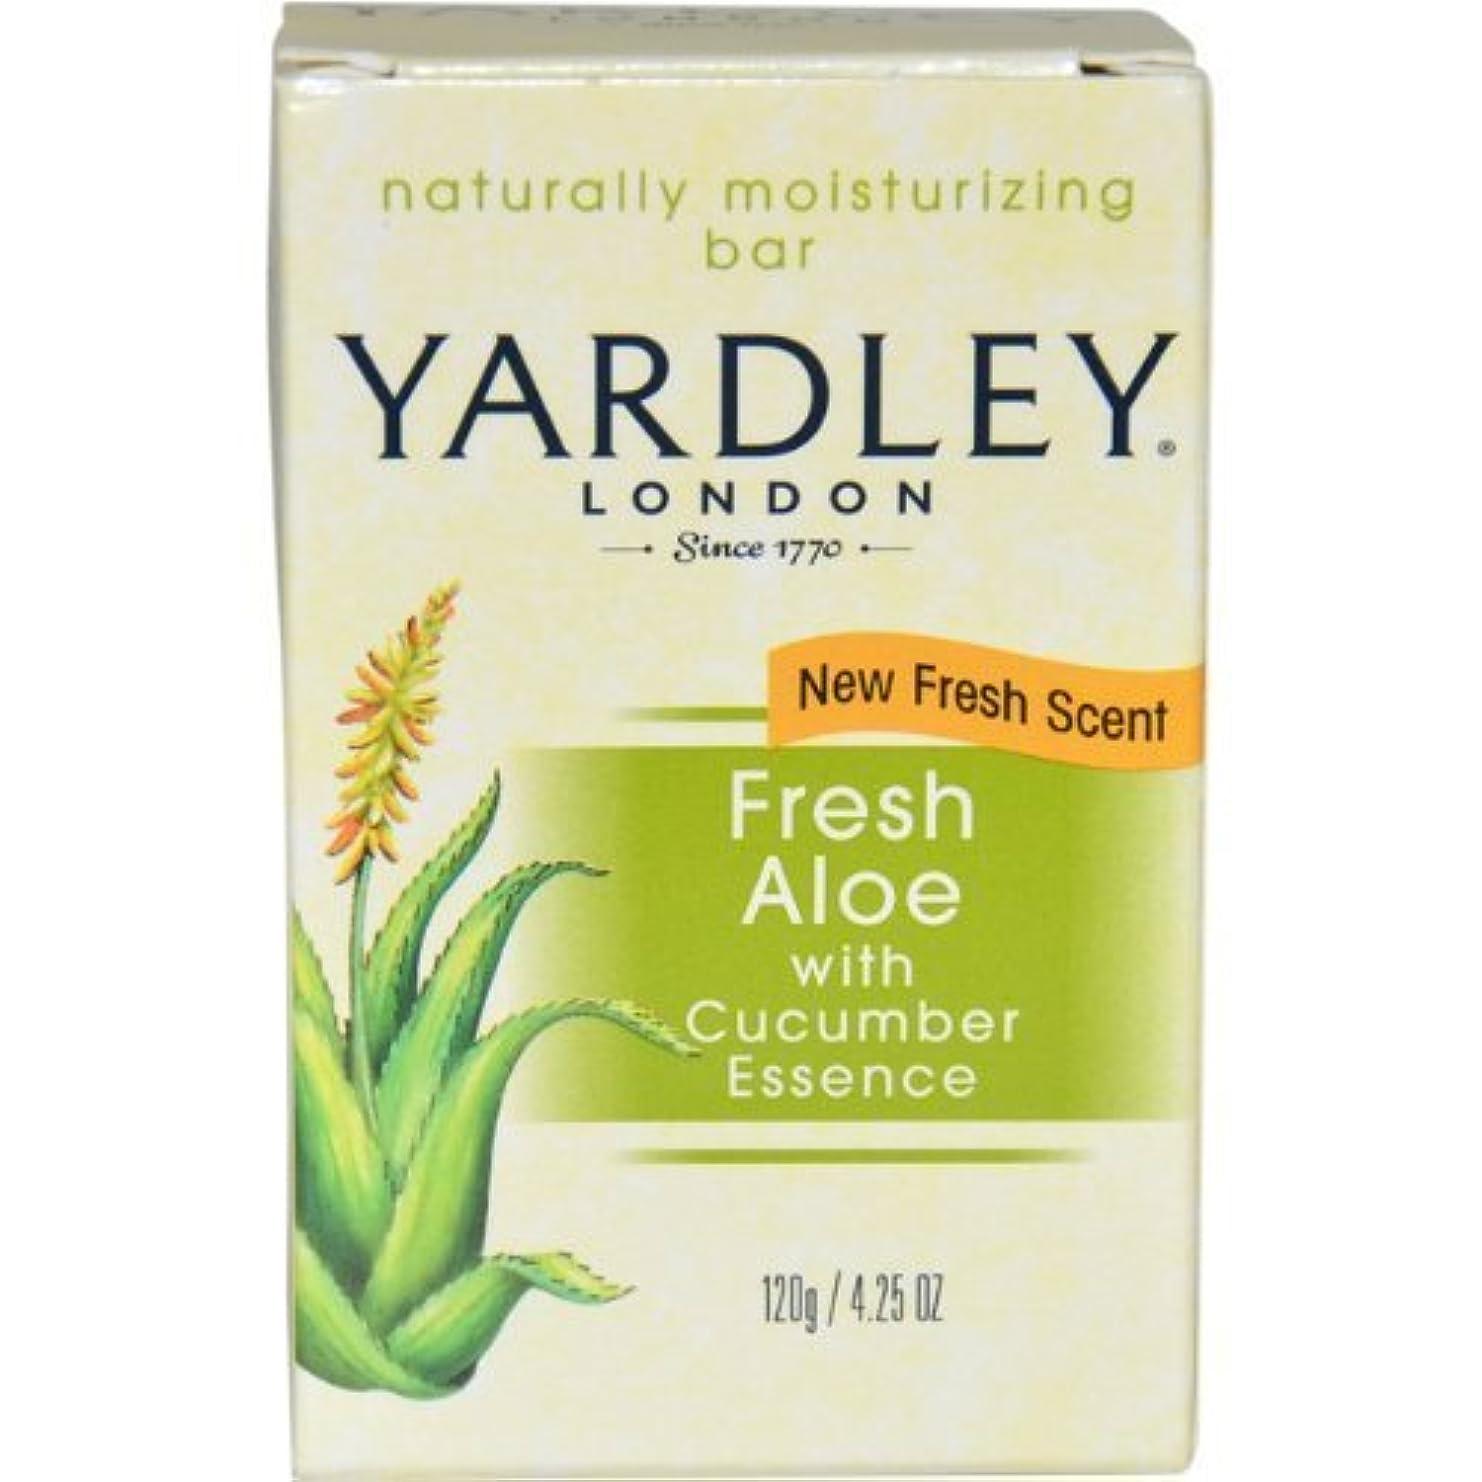 モール長いです不振Fresh Aloe with Cucumber Essence Bar Soap Soap Unisex by Yardley, 4.25 Ounce (Packaging May Vary) by Yardley [...